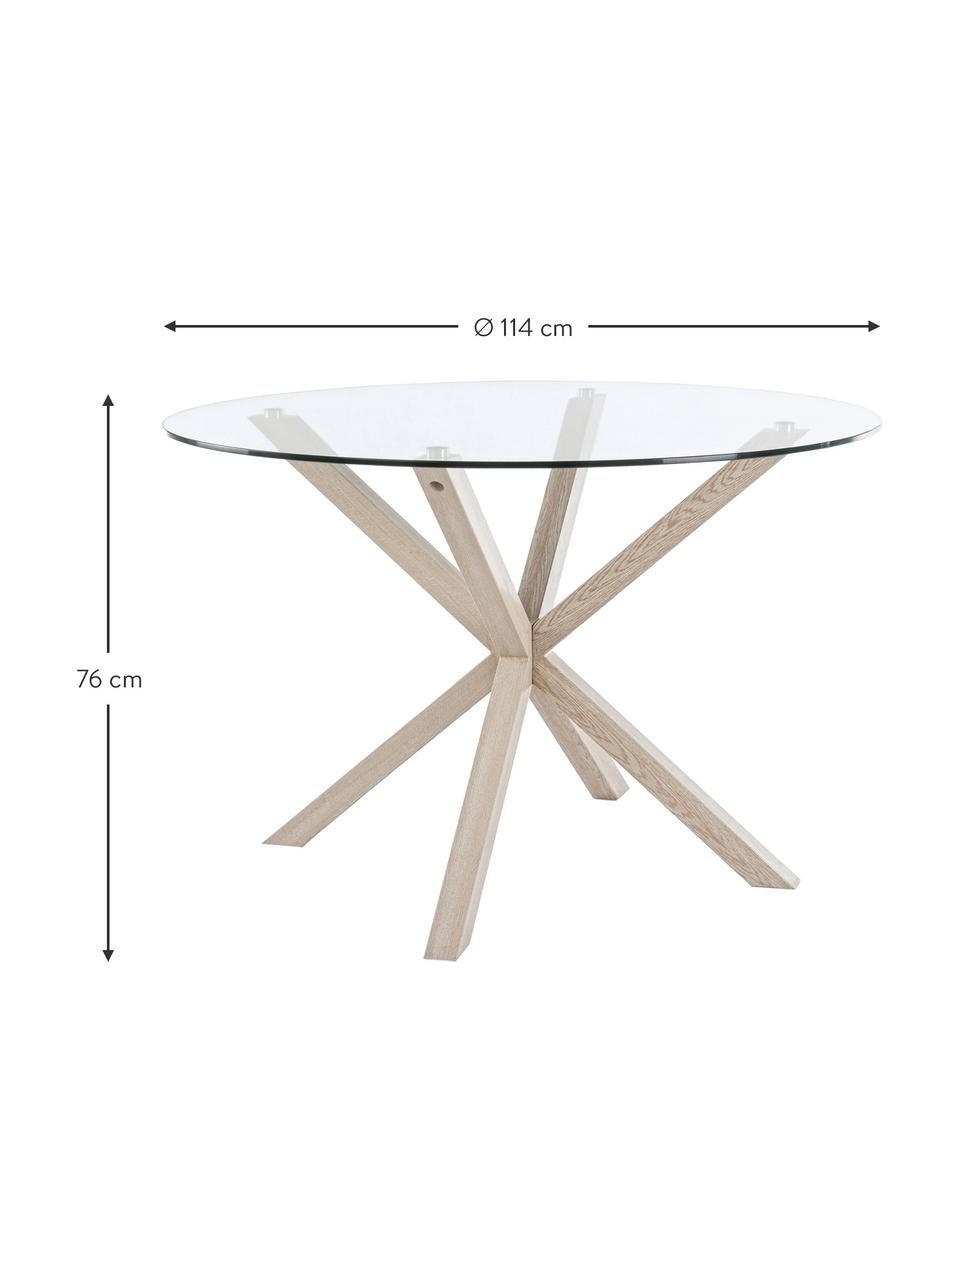 Stół do jadalni ze szklanym blatem May, Blat: szkło utwardzone, Nogi: metal foliowany, imitacja, Transparentny, drewno dębowe, Ø 114 x W 76 cm